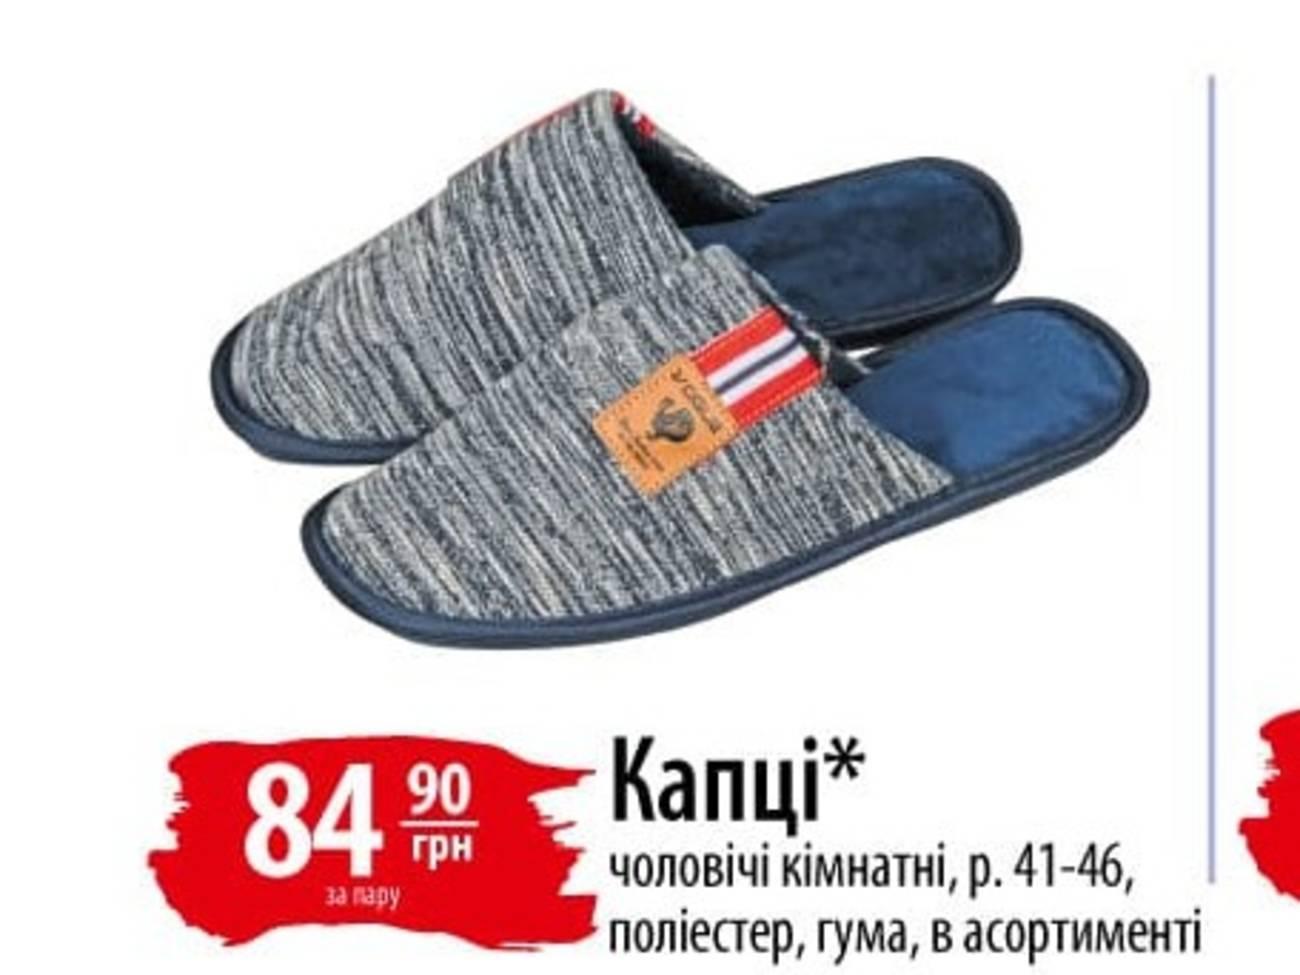 Домашнє взуття 65cd971969896